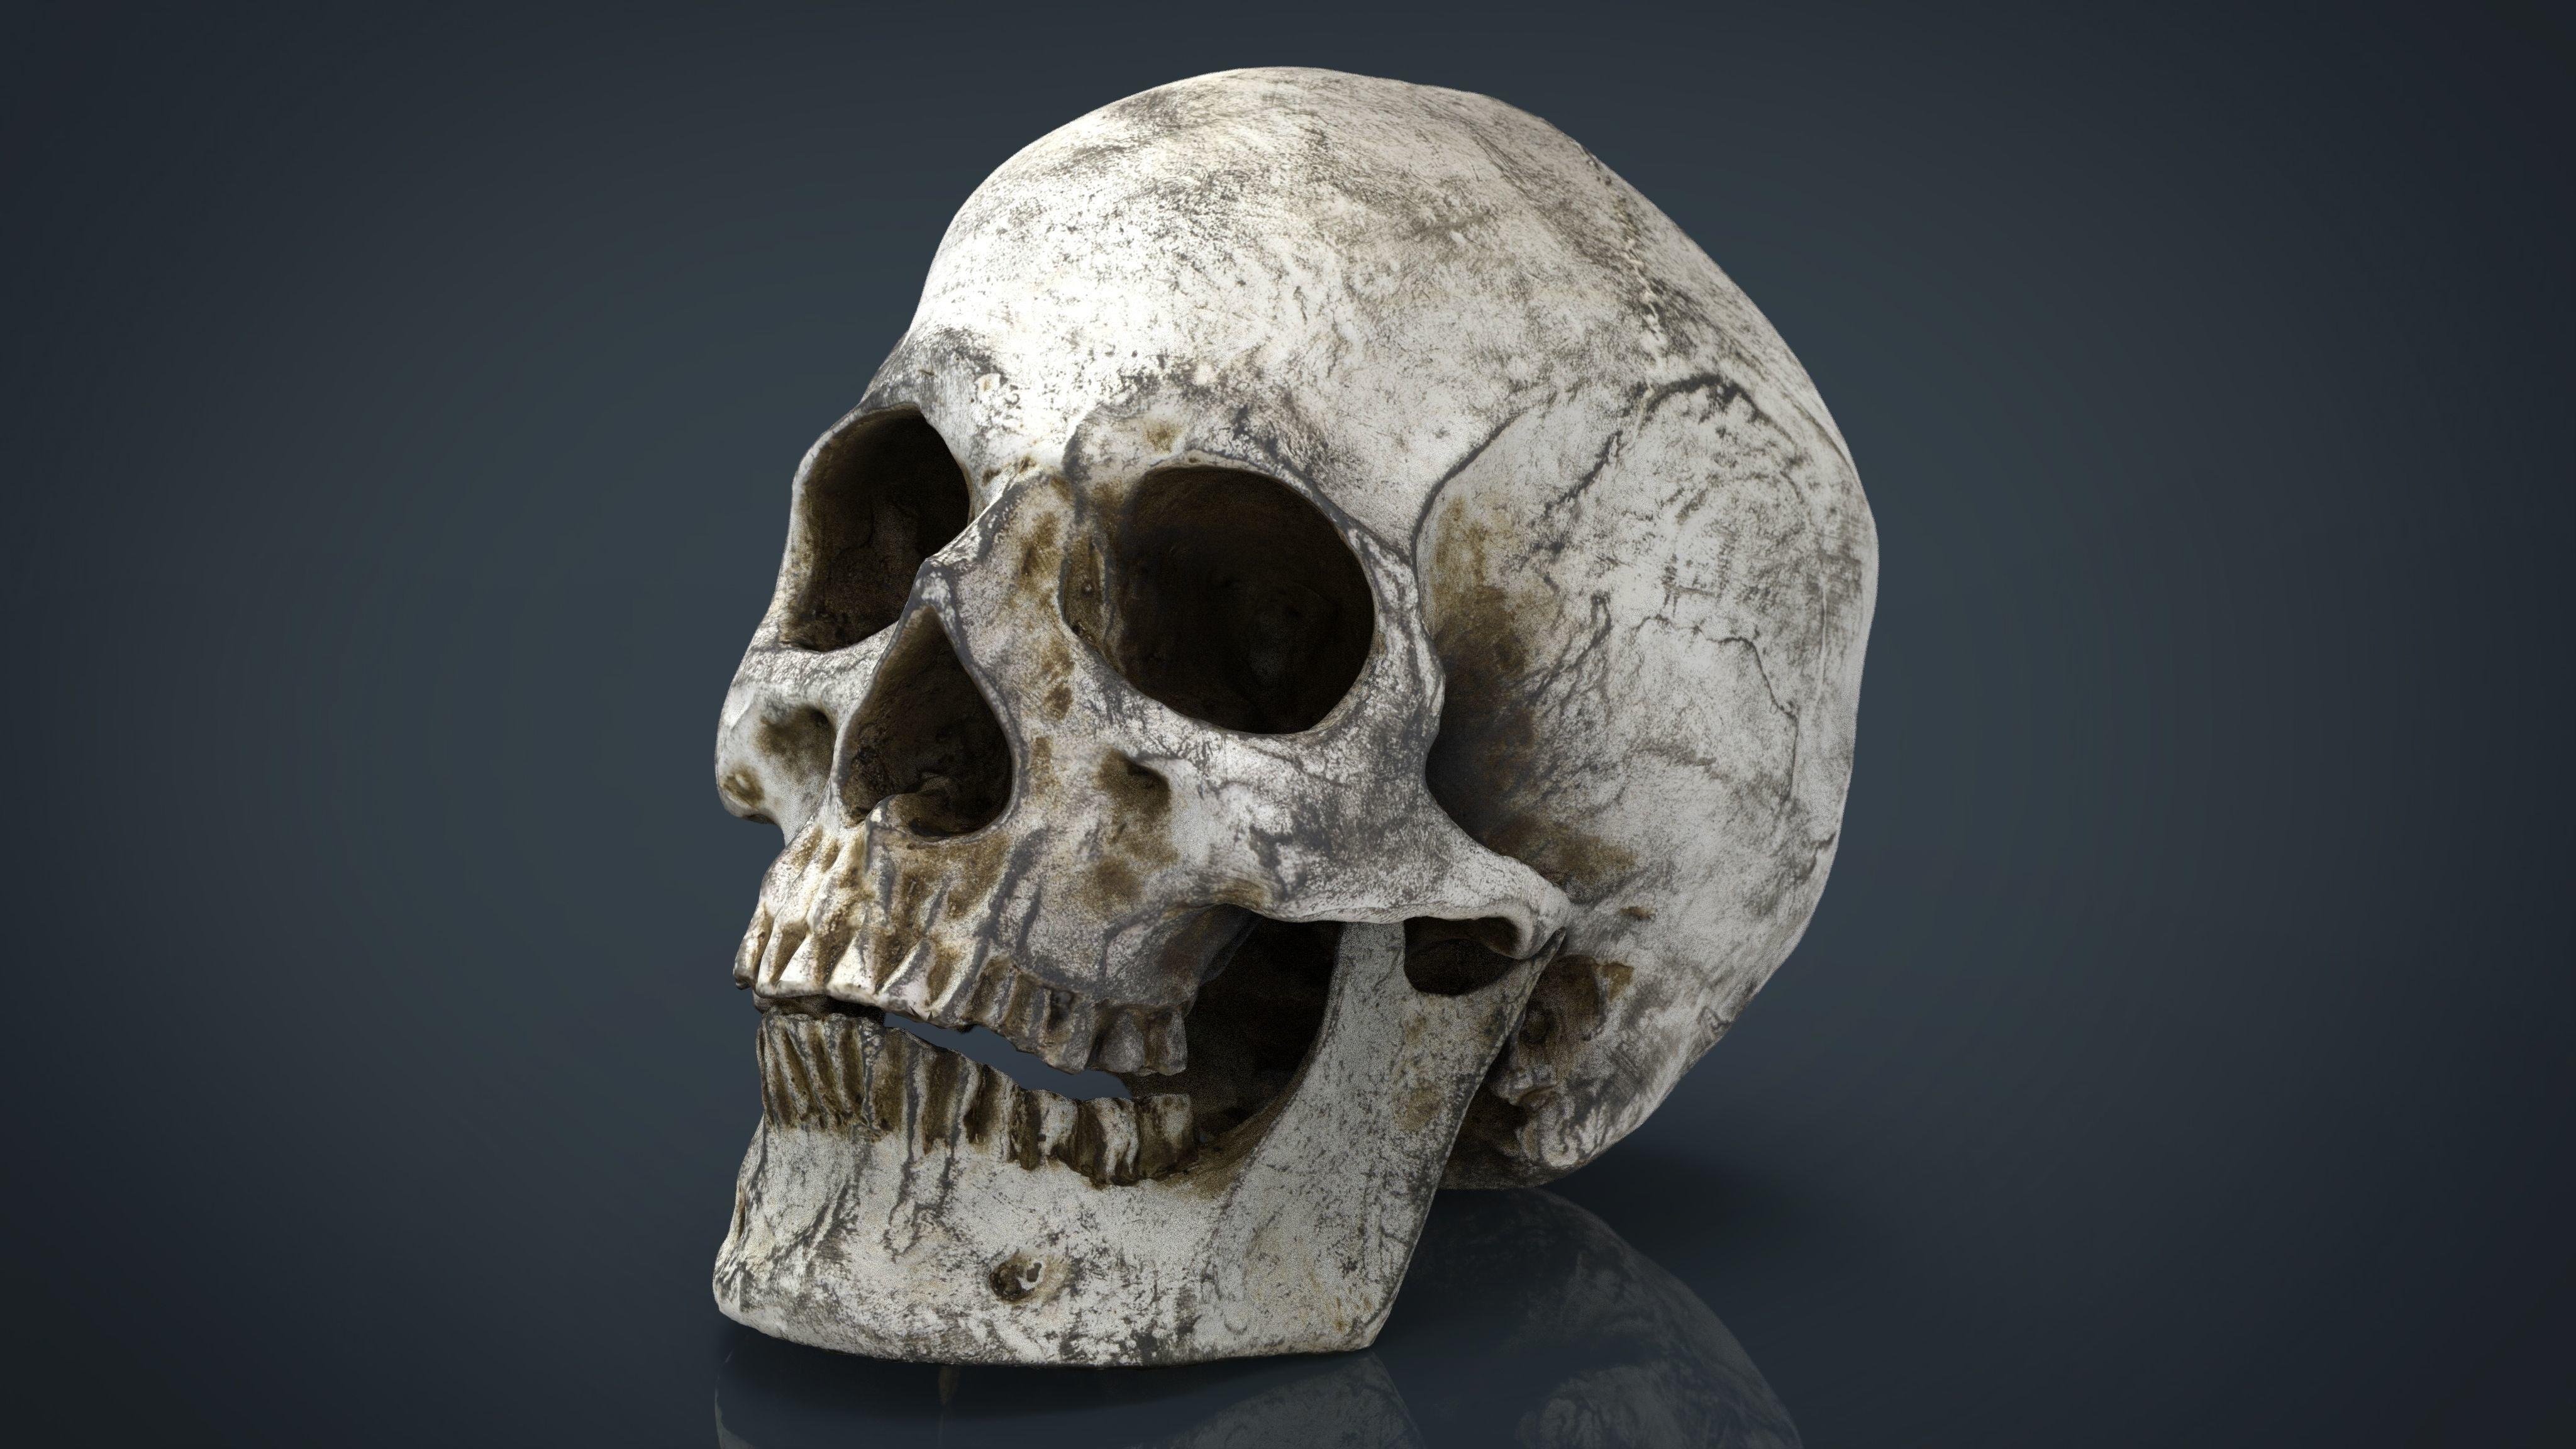 Перелом основания черепа: симптомы, выживаемость, последствия